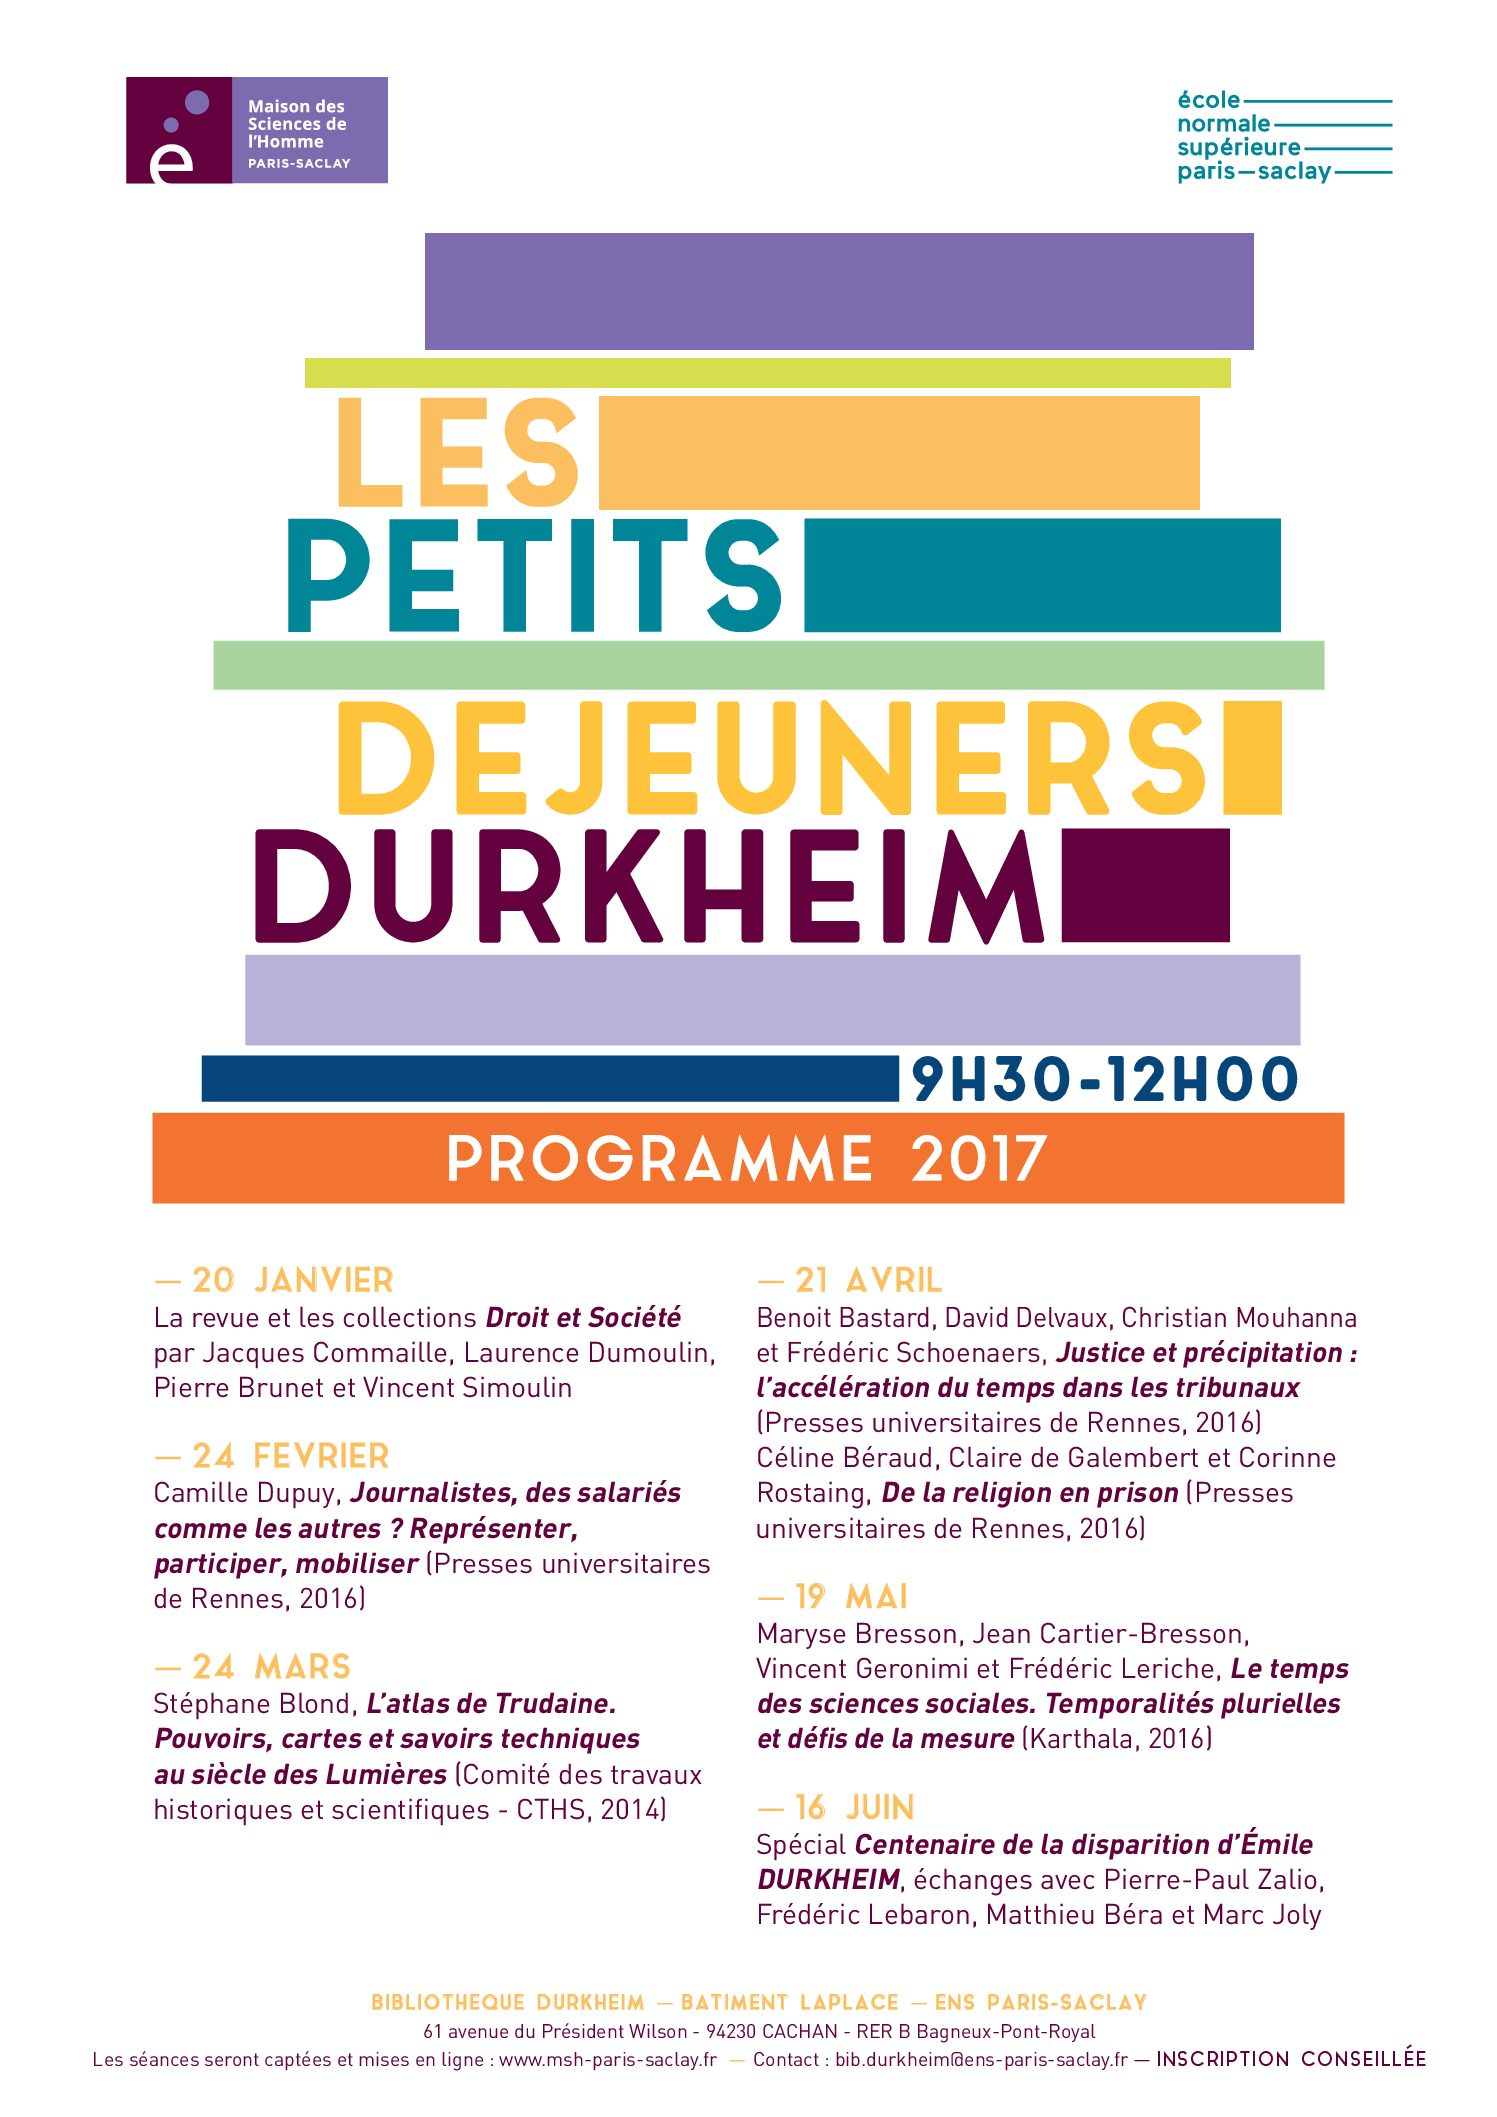 Les Petits Déjeuners Durkheim – Programme 2017